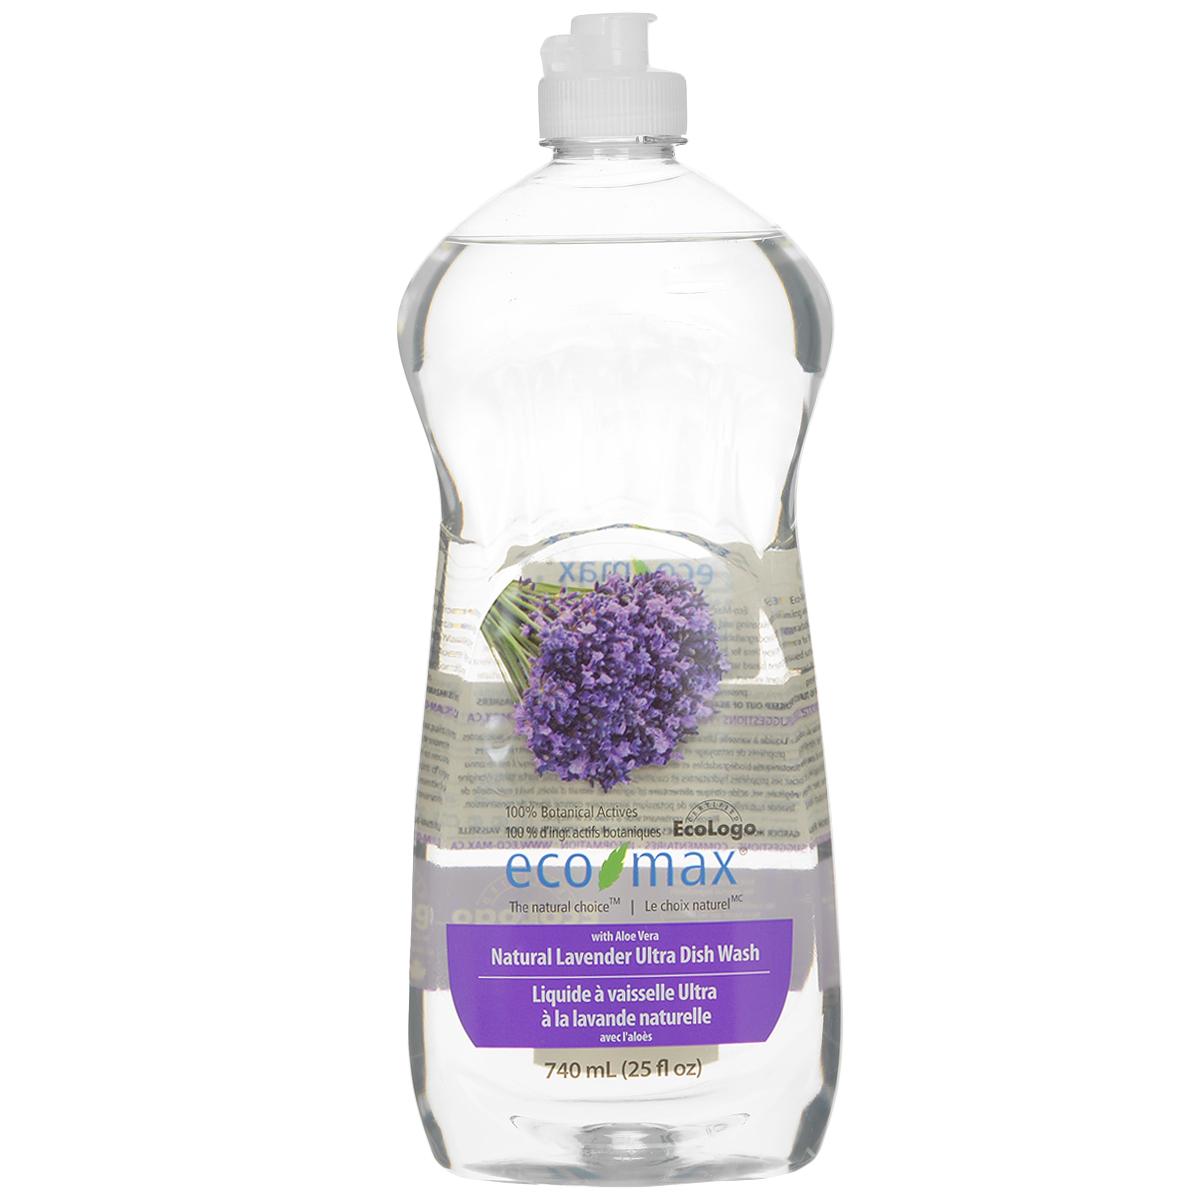 Средство для мытья посуды Eco Max Лаванда, 740 мл0298597Средство для мытья посуды Eco Max - натуральное средство на 100% растительной основе, полностью биоразлагаемое. В этом средстве используются активные чистящие вещества ингредиентов, полученных из биоразлагаемых и возобновляемых растительных источников. Содержит алоэ вера, обладающее увлажняющими и заживляющими свойствами. Натуральное лавандовое масло придает посуде свежий аромат. Состав: вода, ПАВ растительного происхождения, растительный экстракт алоэ вера, соль, пищевой сорбат калия в качестве консерванта, пищевая лимонная кислота (из плодов лимона), натуральное эфирное масло лаванды. Товар сертифицирован.